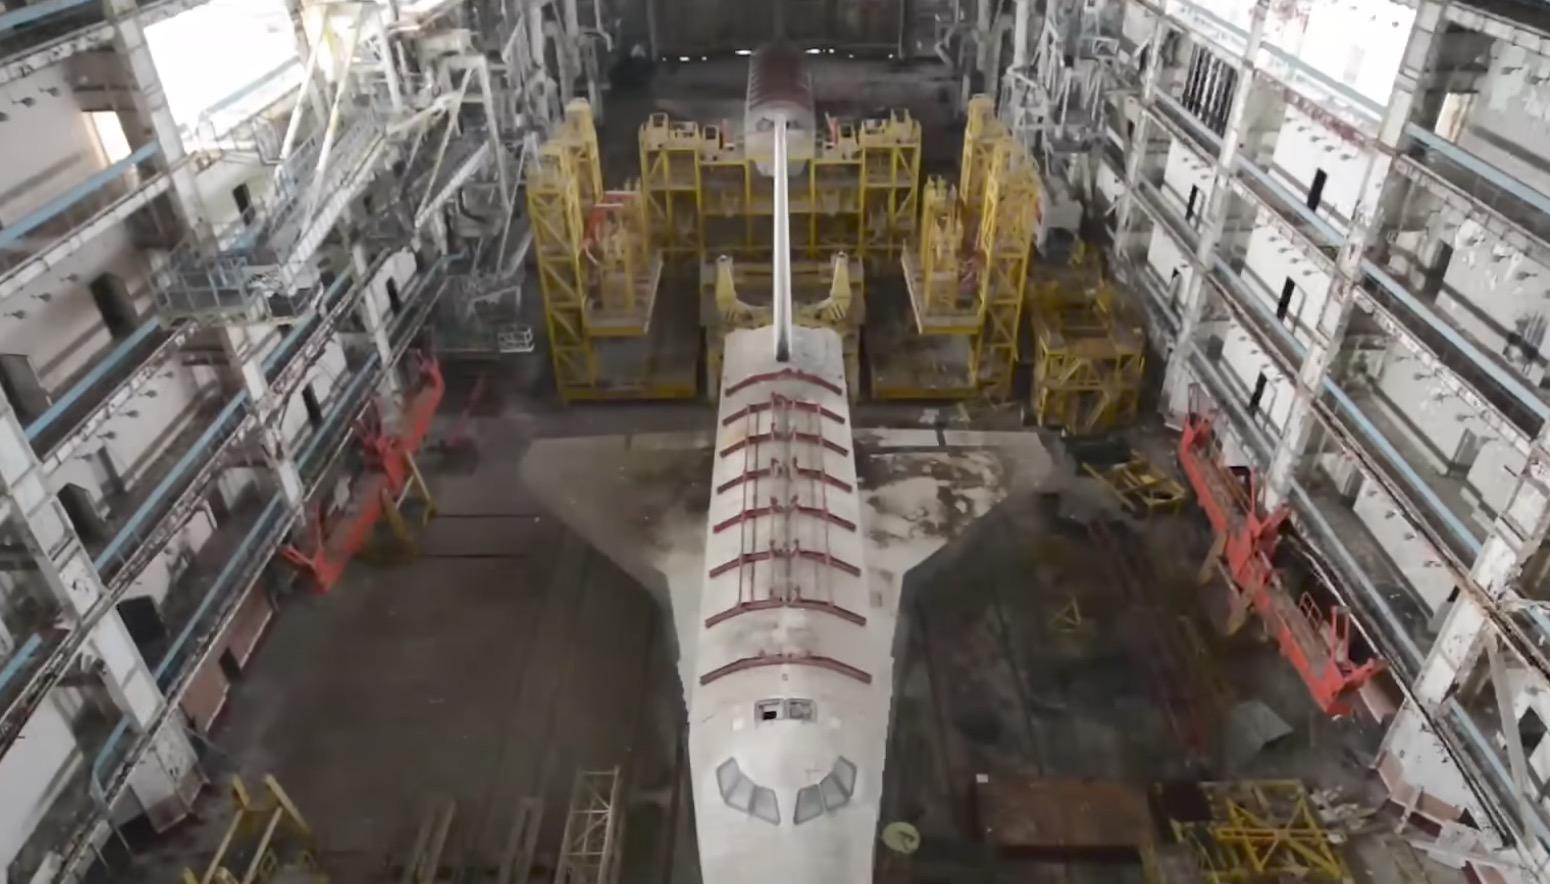 【廃墟】20年以上放置されている旧ソ連の宇宙基地内の映像。廃墟好きにはたまらない